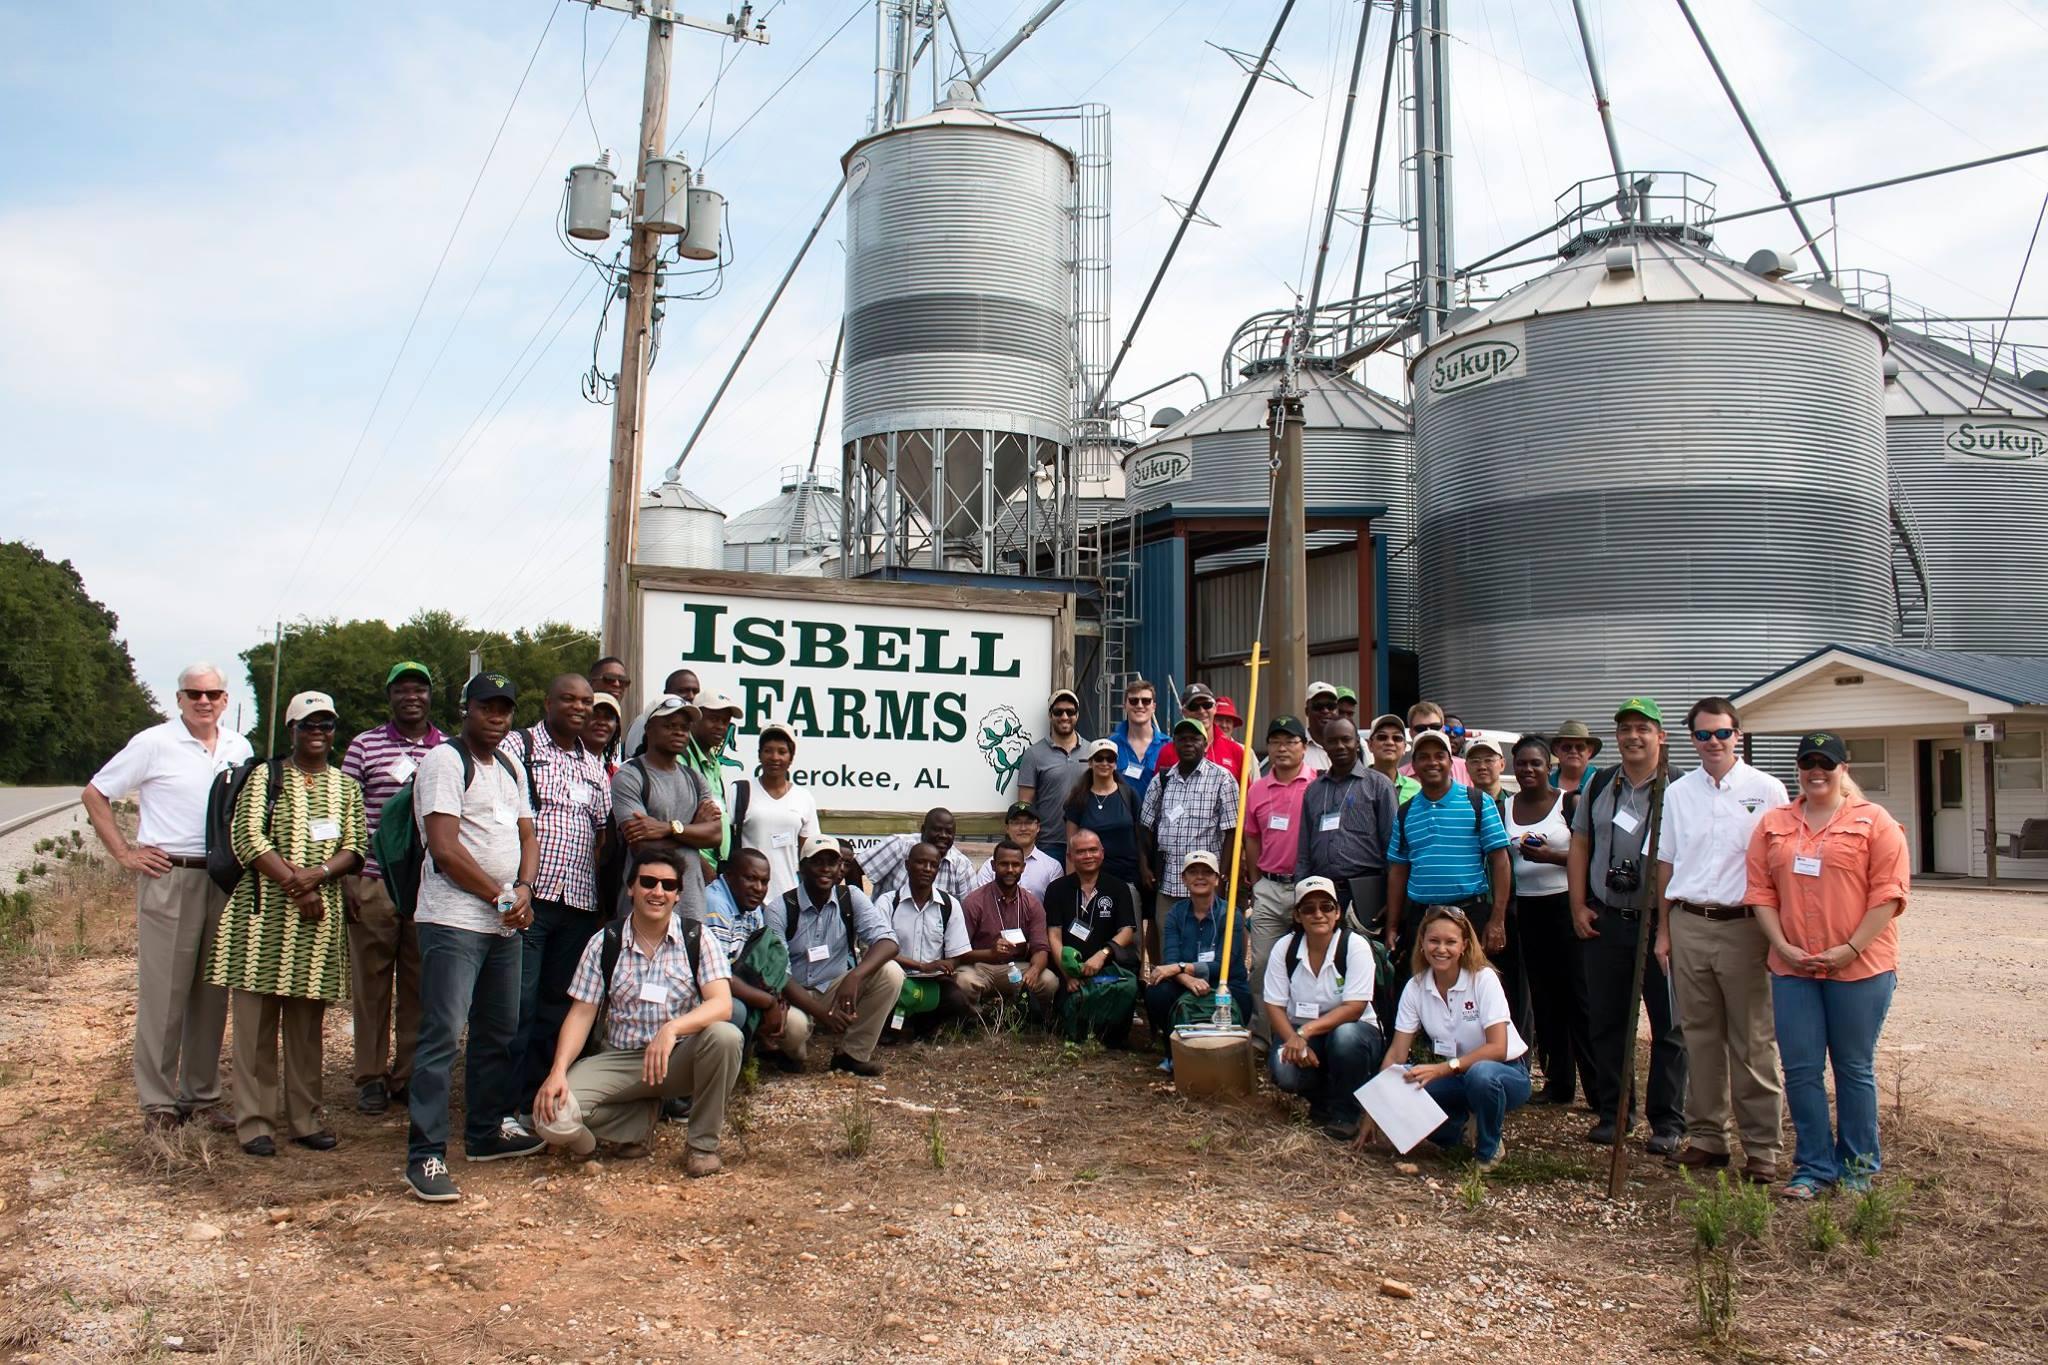 Outside of Isbell Farms, Cherokee, Alabama.